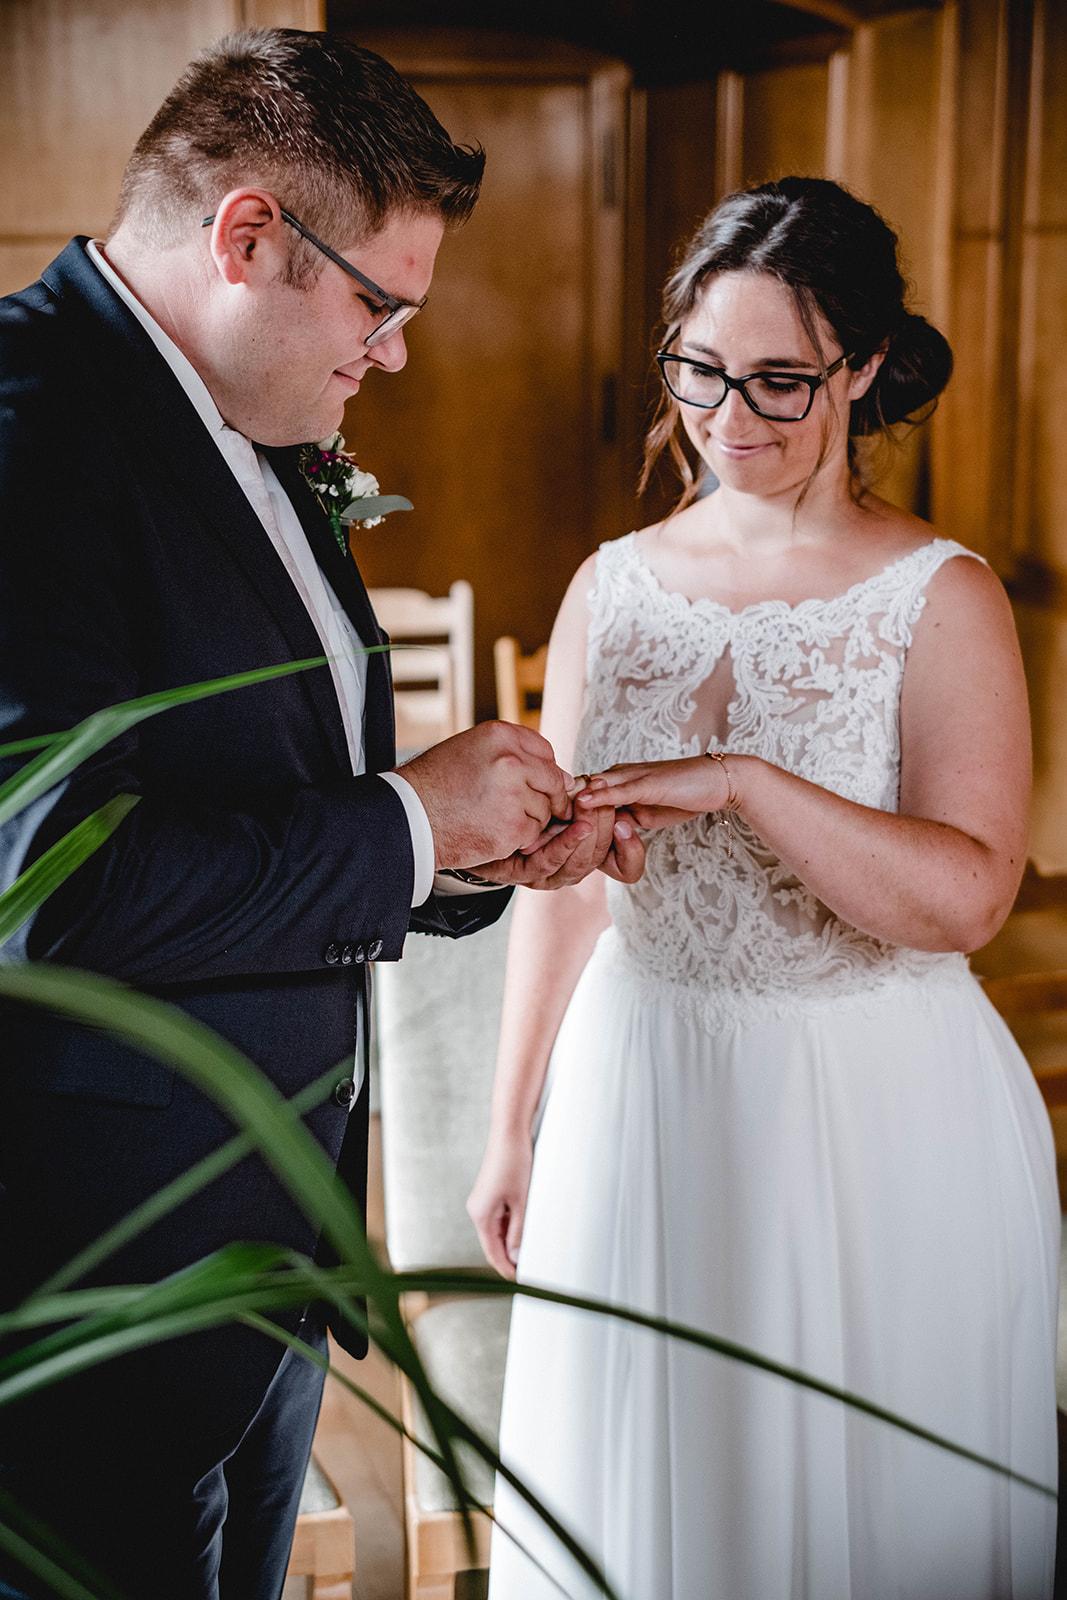 Hochzeit, Wedding, Standesamt, Braut, Bräutigam, Tübingen, Nürtingen, Stuttgart, Begleitung, Hochzeitstag, nürtingen, stuttgart, reutlingen, mittelstadt, esslingen, ringe, deko, strauss